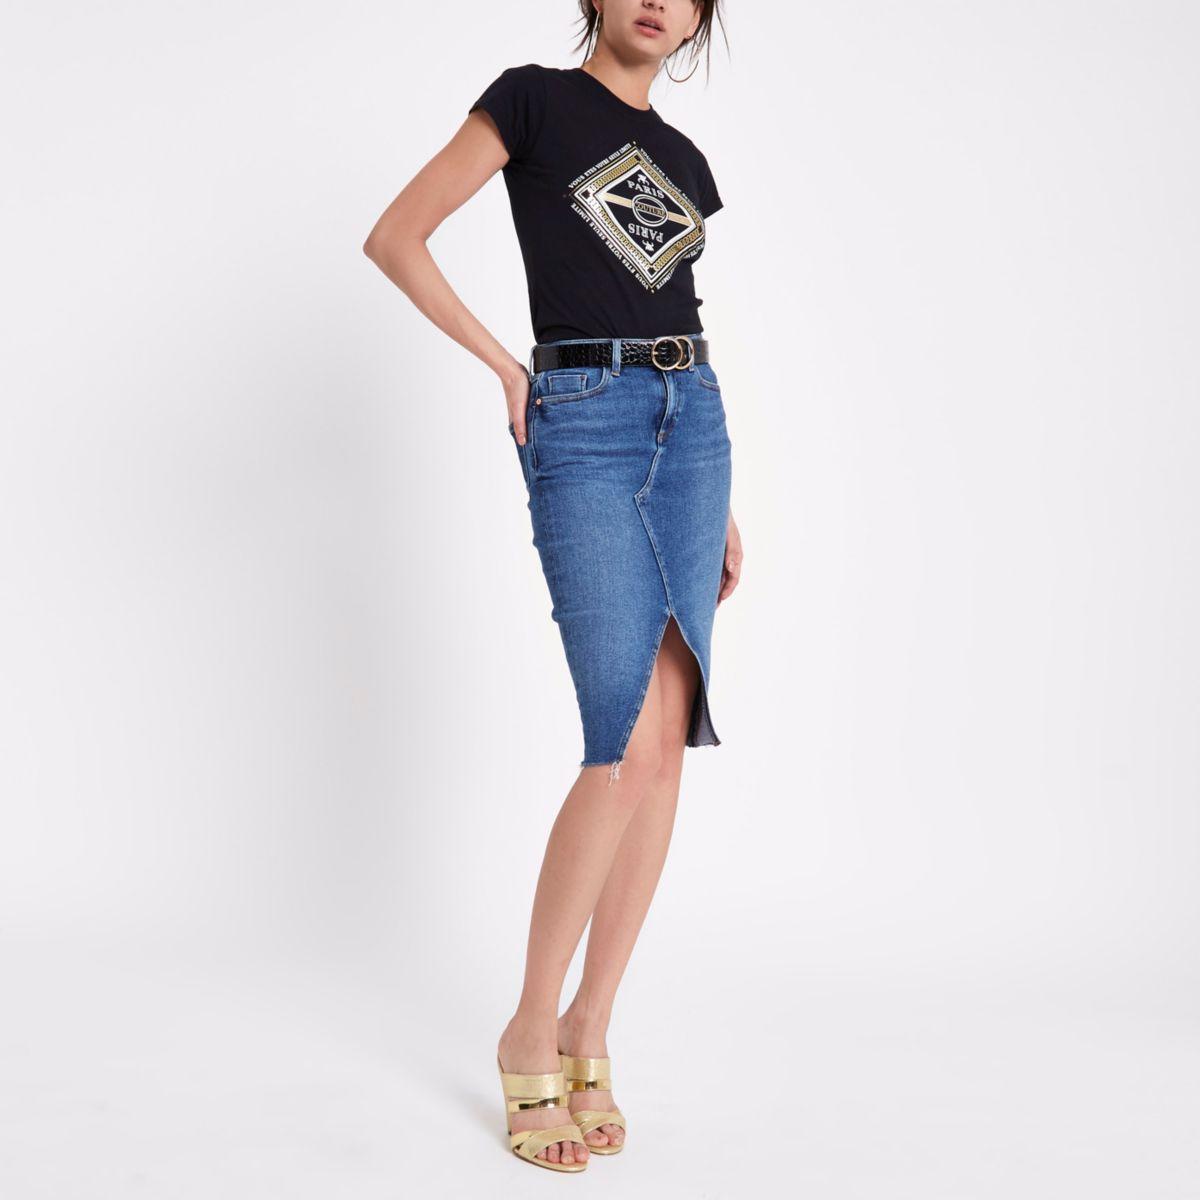 Zwart T-shirt met 'Paris'-print en siersteentjes